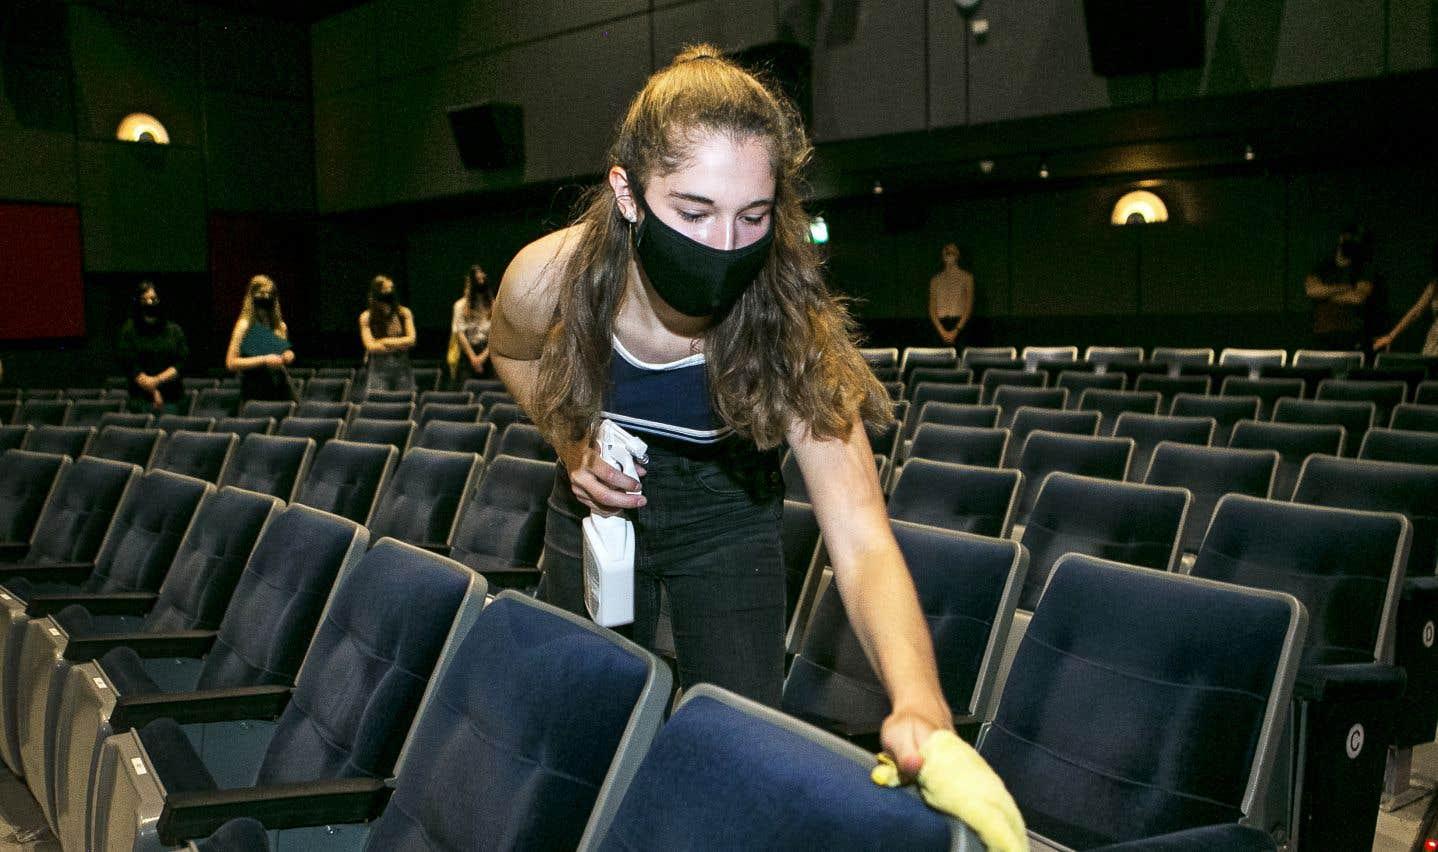 Au cinéma Beaubien, qui ouvre vendredi, tous les sièges seront nettoyés entre chaque représentation, comme l'ont appris les employés qui étaient en formation jeudi en prévision de l'ouverture.